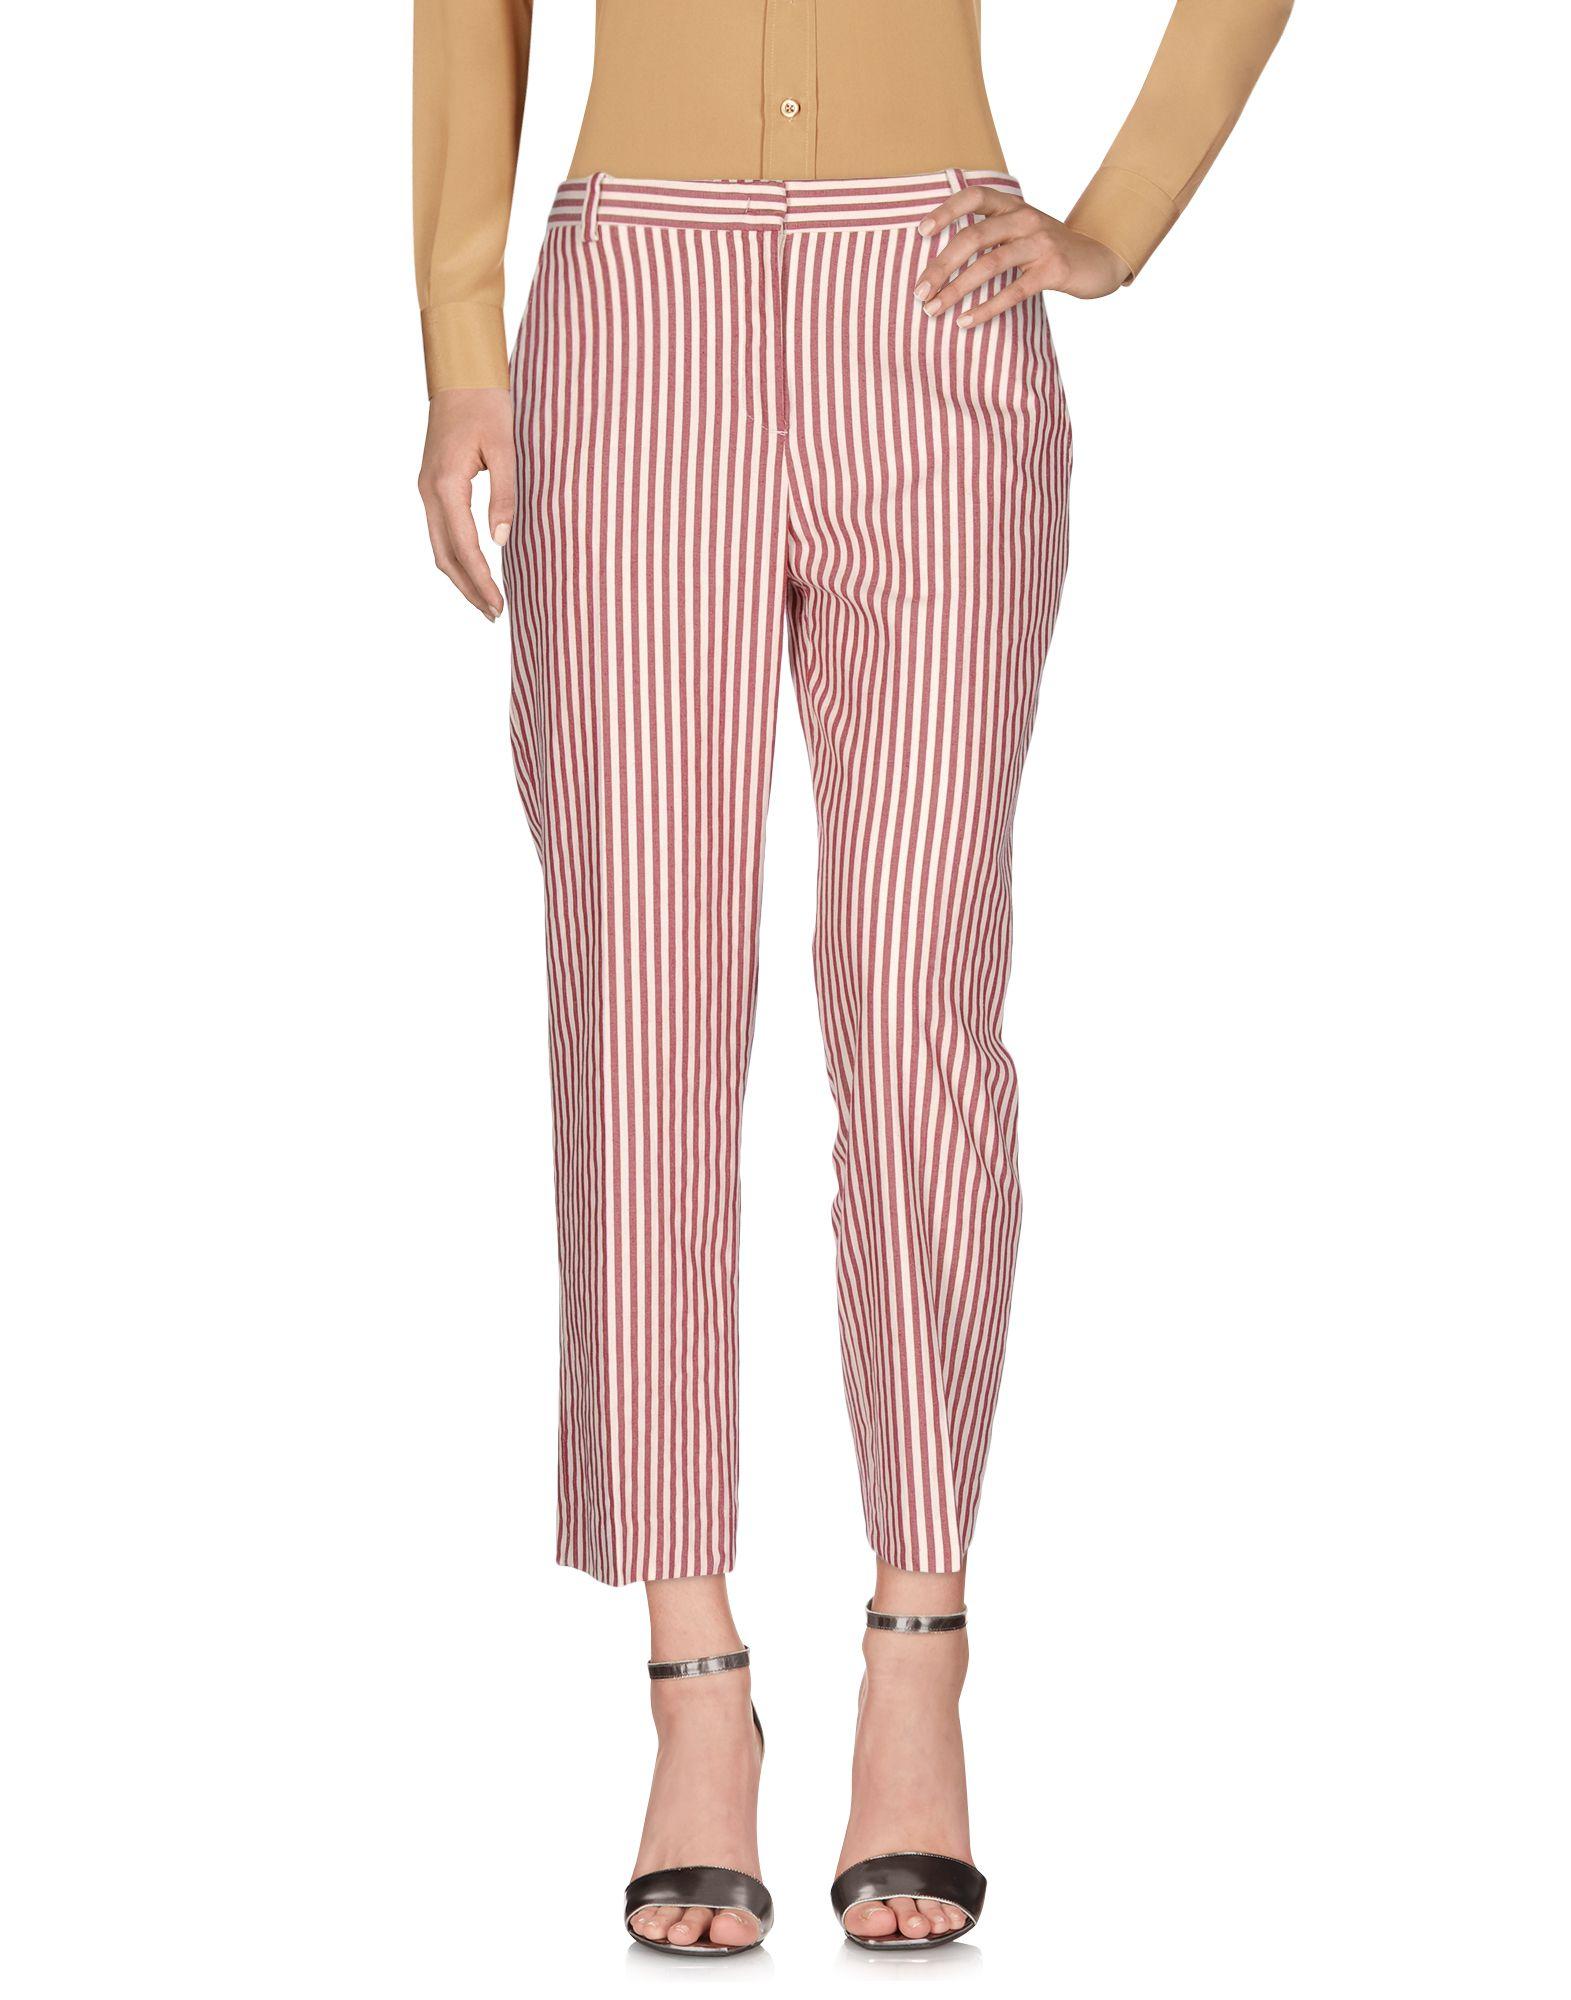 Pantalone Jucca Donna - Acquista online su WhQo6x4